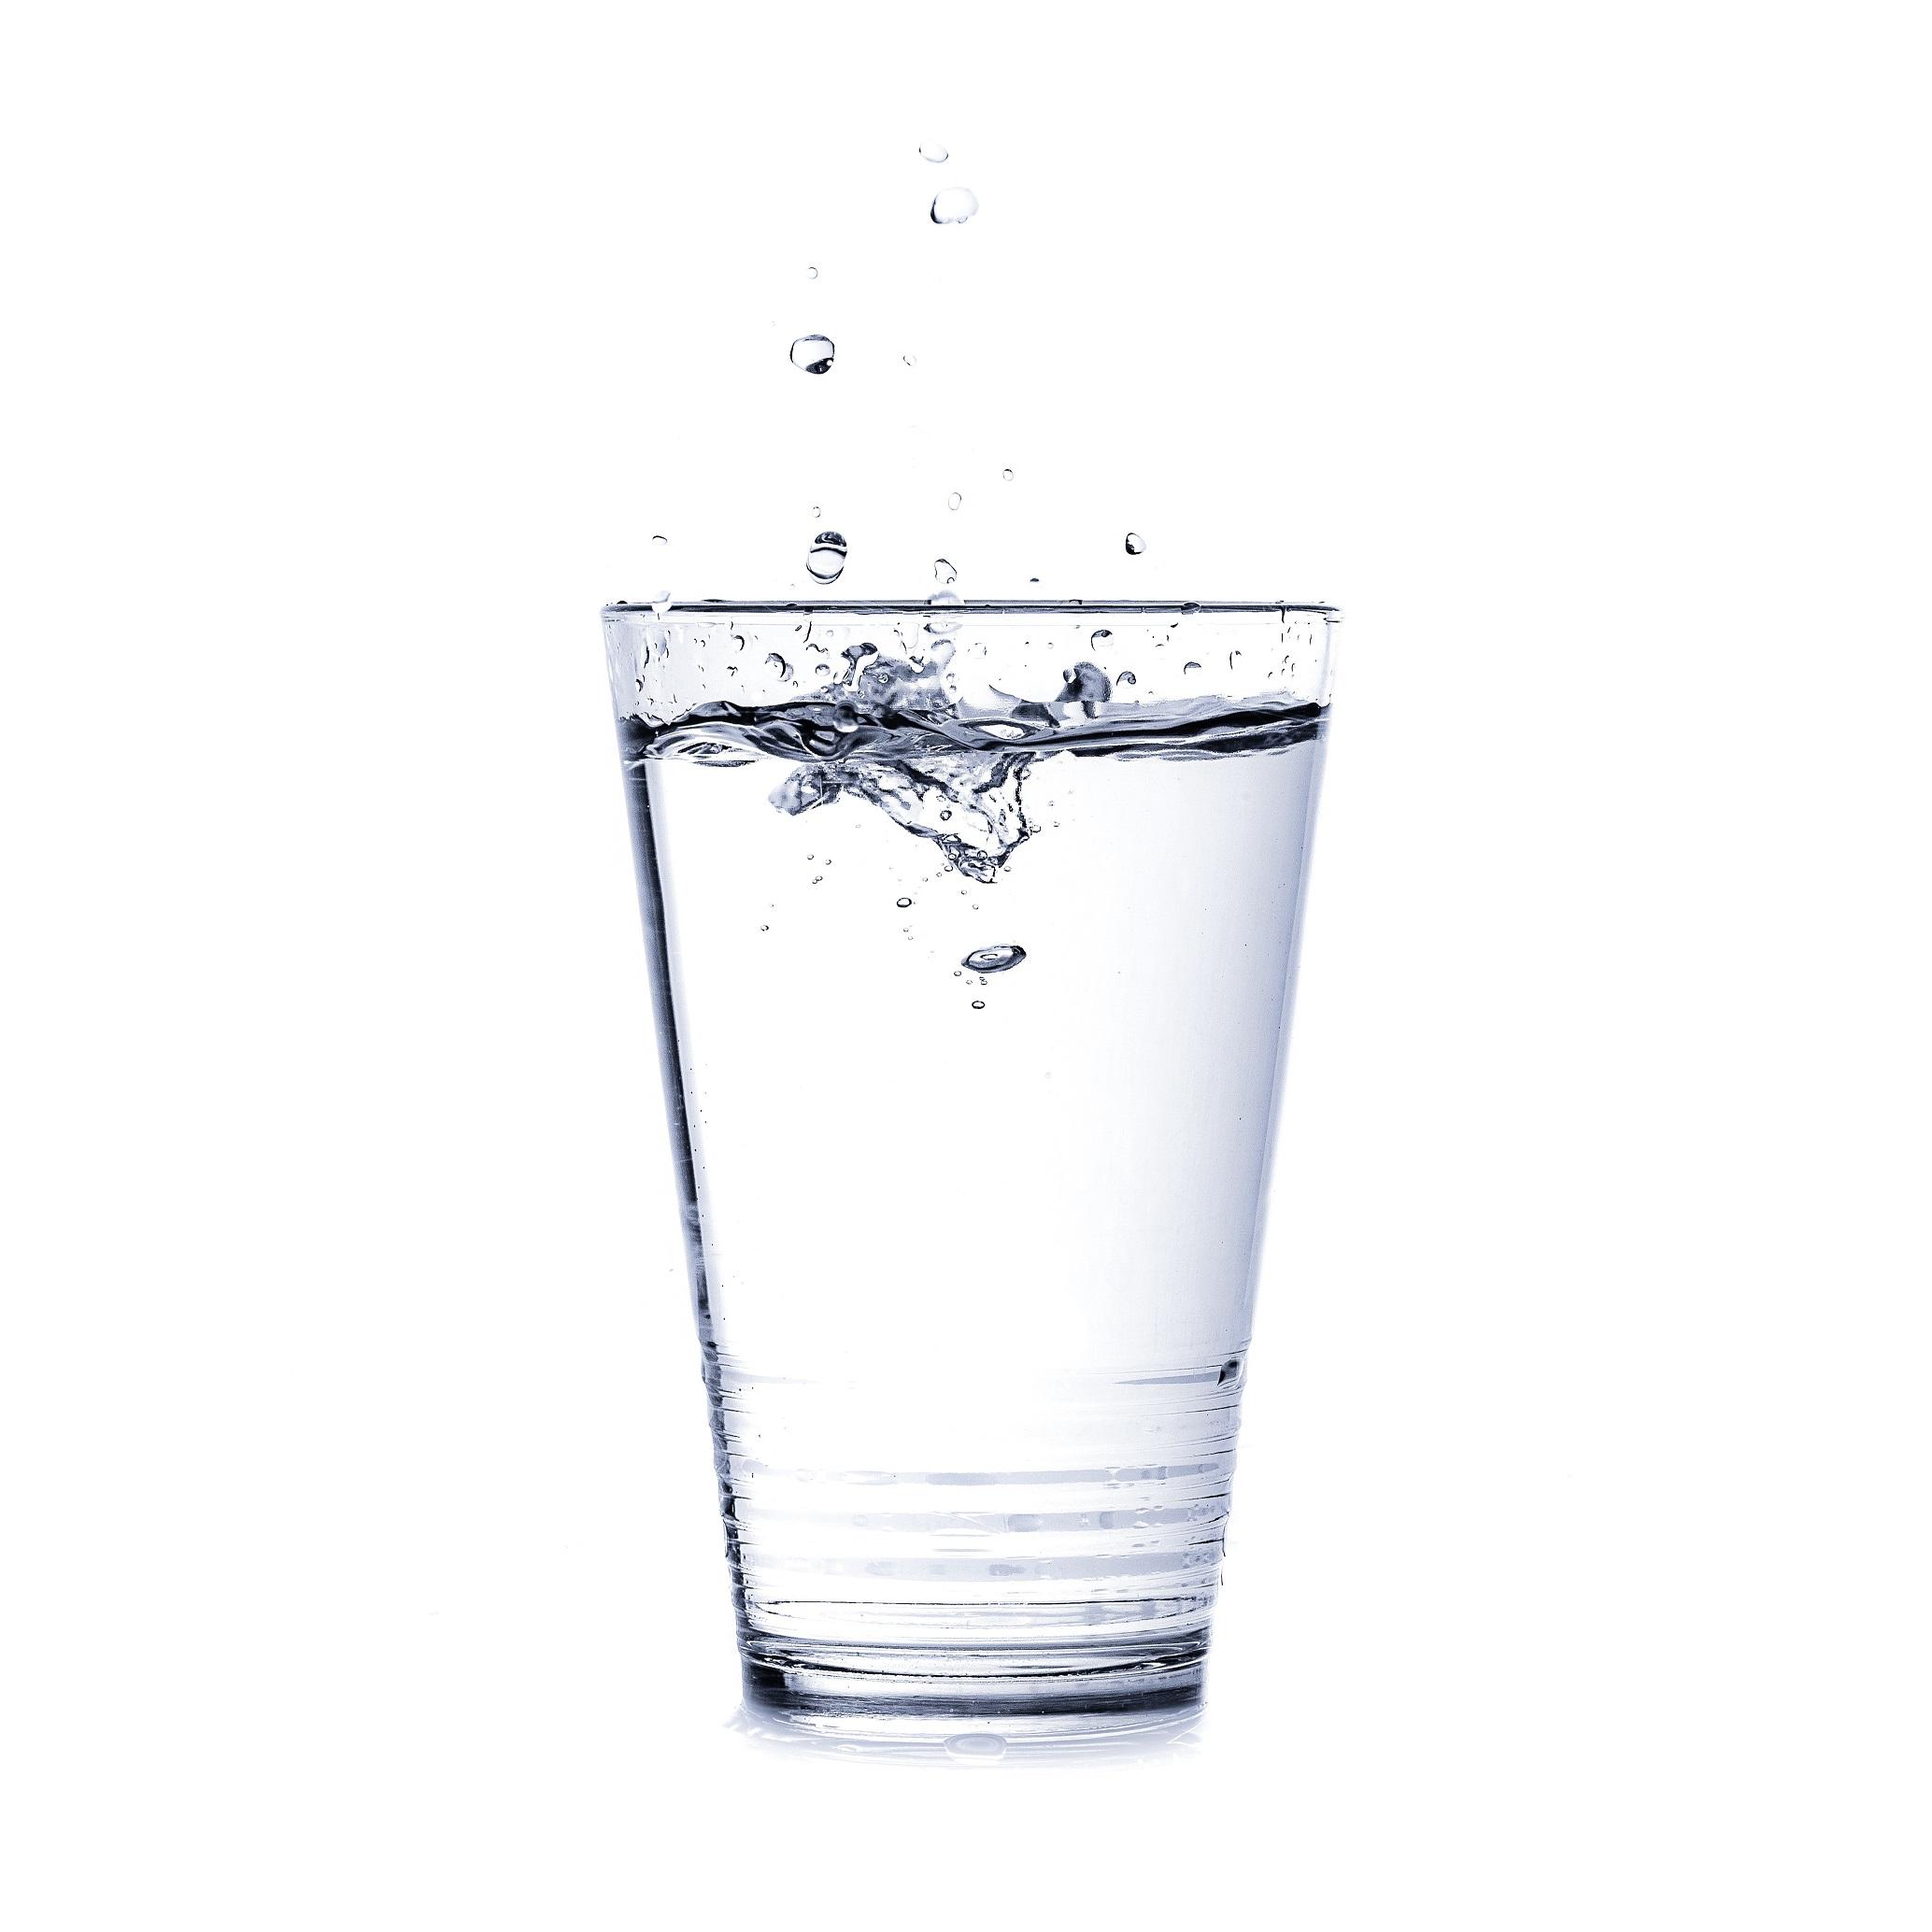 water-1585192.jpg